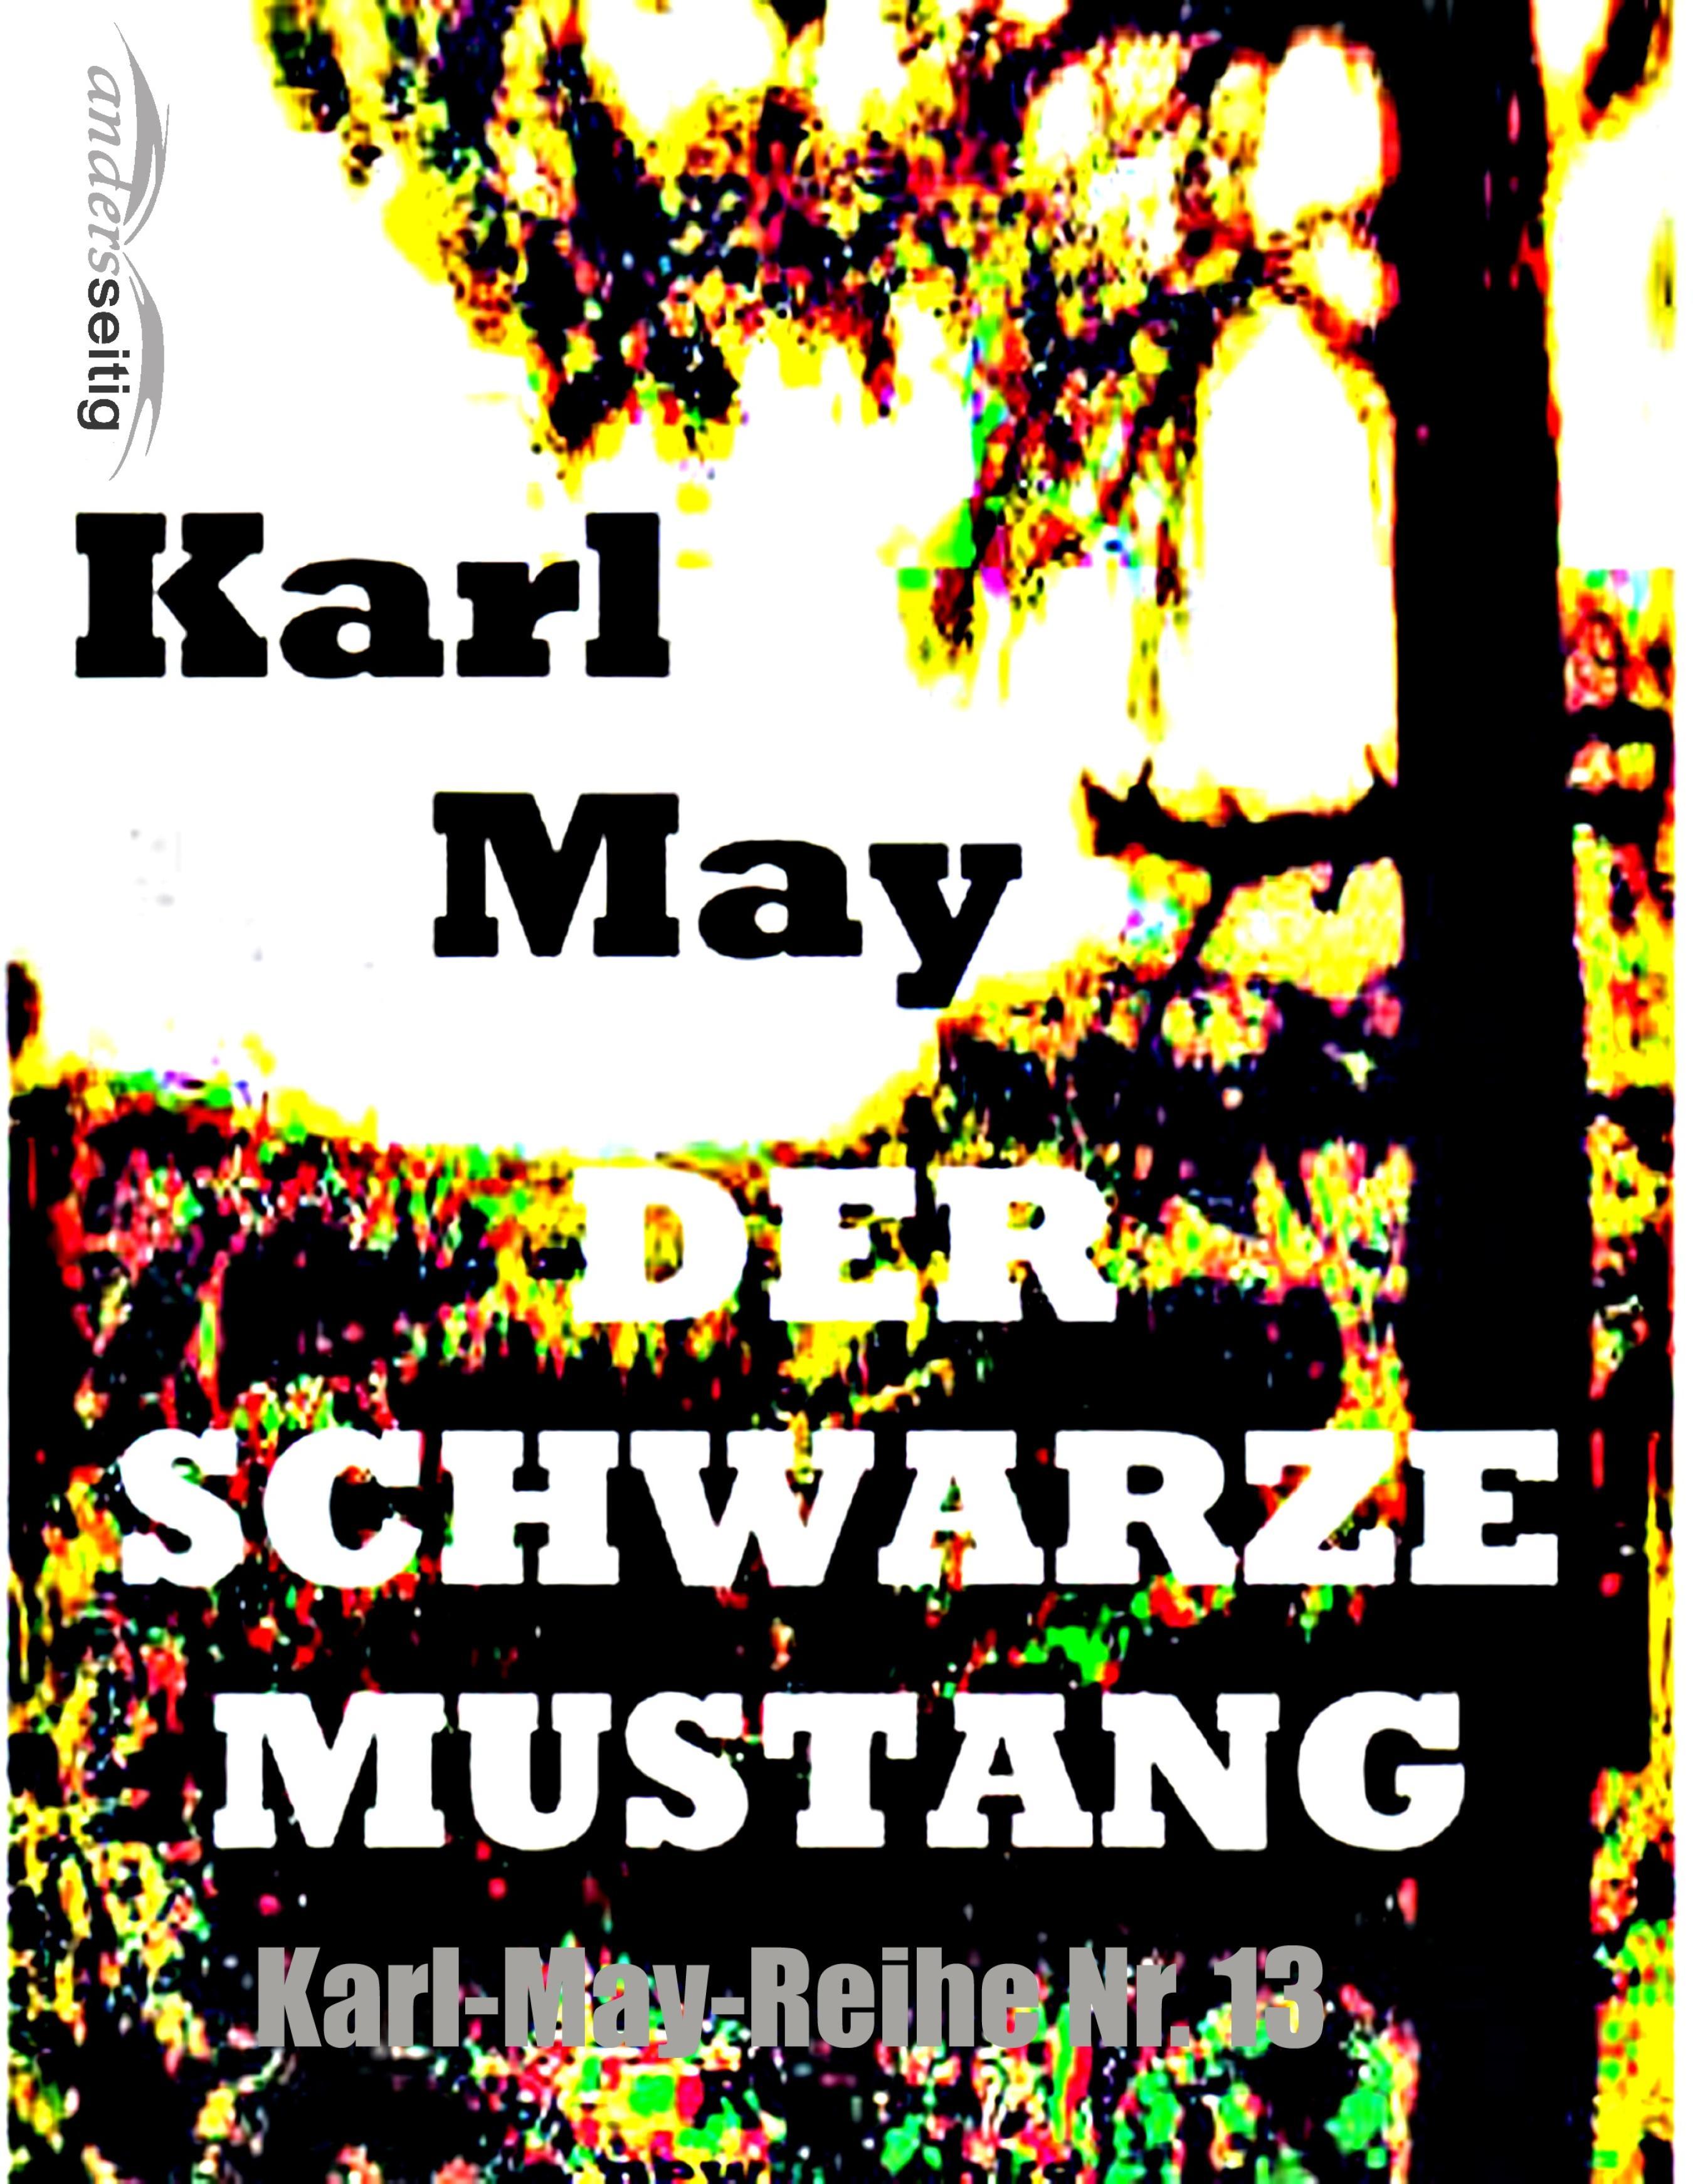 Karl May Der schwarze Mustang remarque e der schwarze obelisk isbn 9785992511062